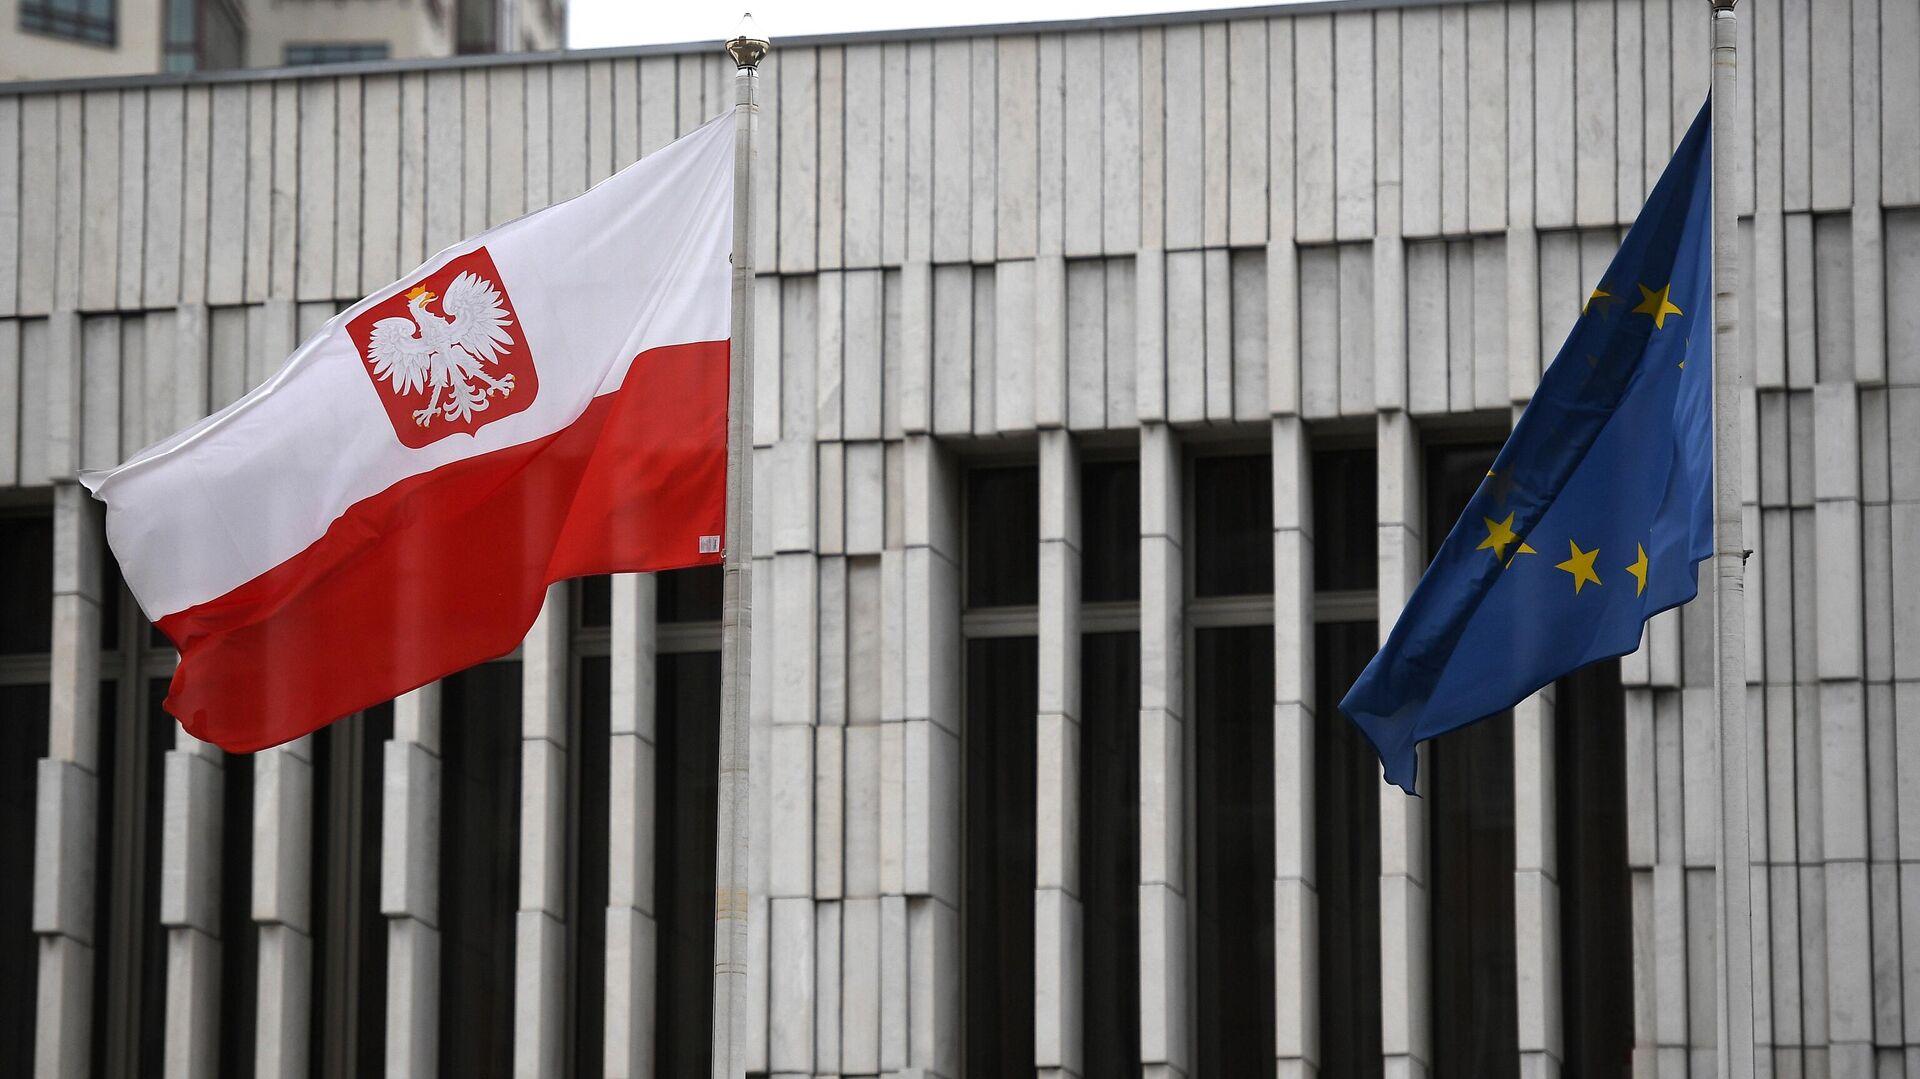 Флаг Польши и Евросоюза на территории посольства Польши в Москве - РИА Новости, 1920, 23.09.2021